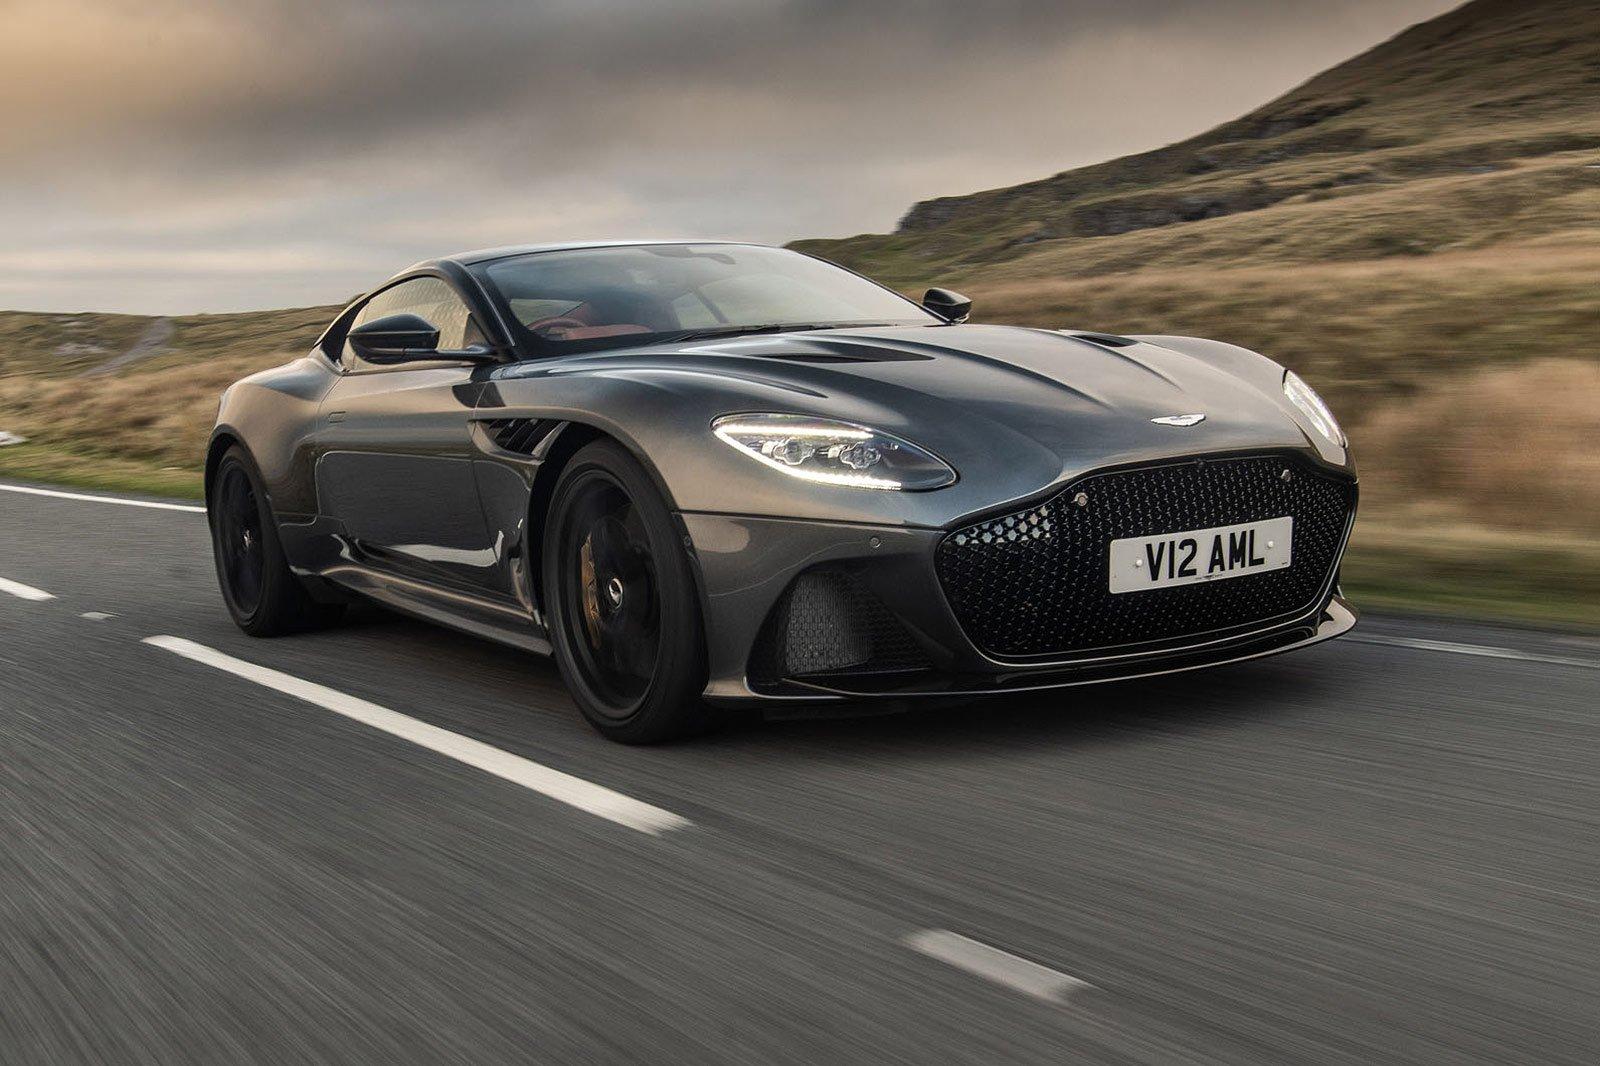 Aston Martin DBS/DBS Volante front three quarters